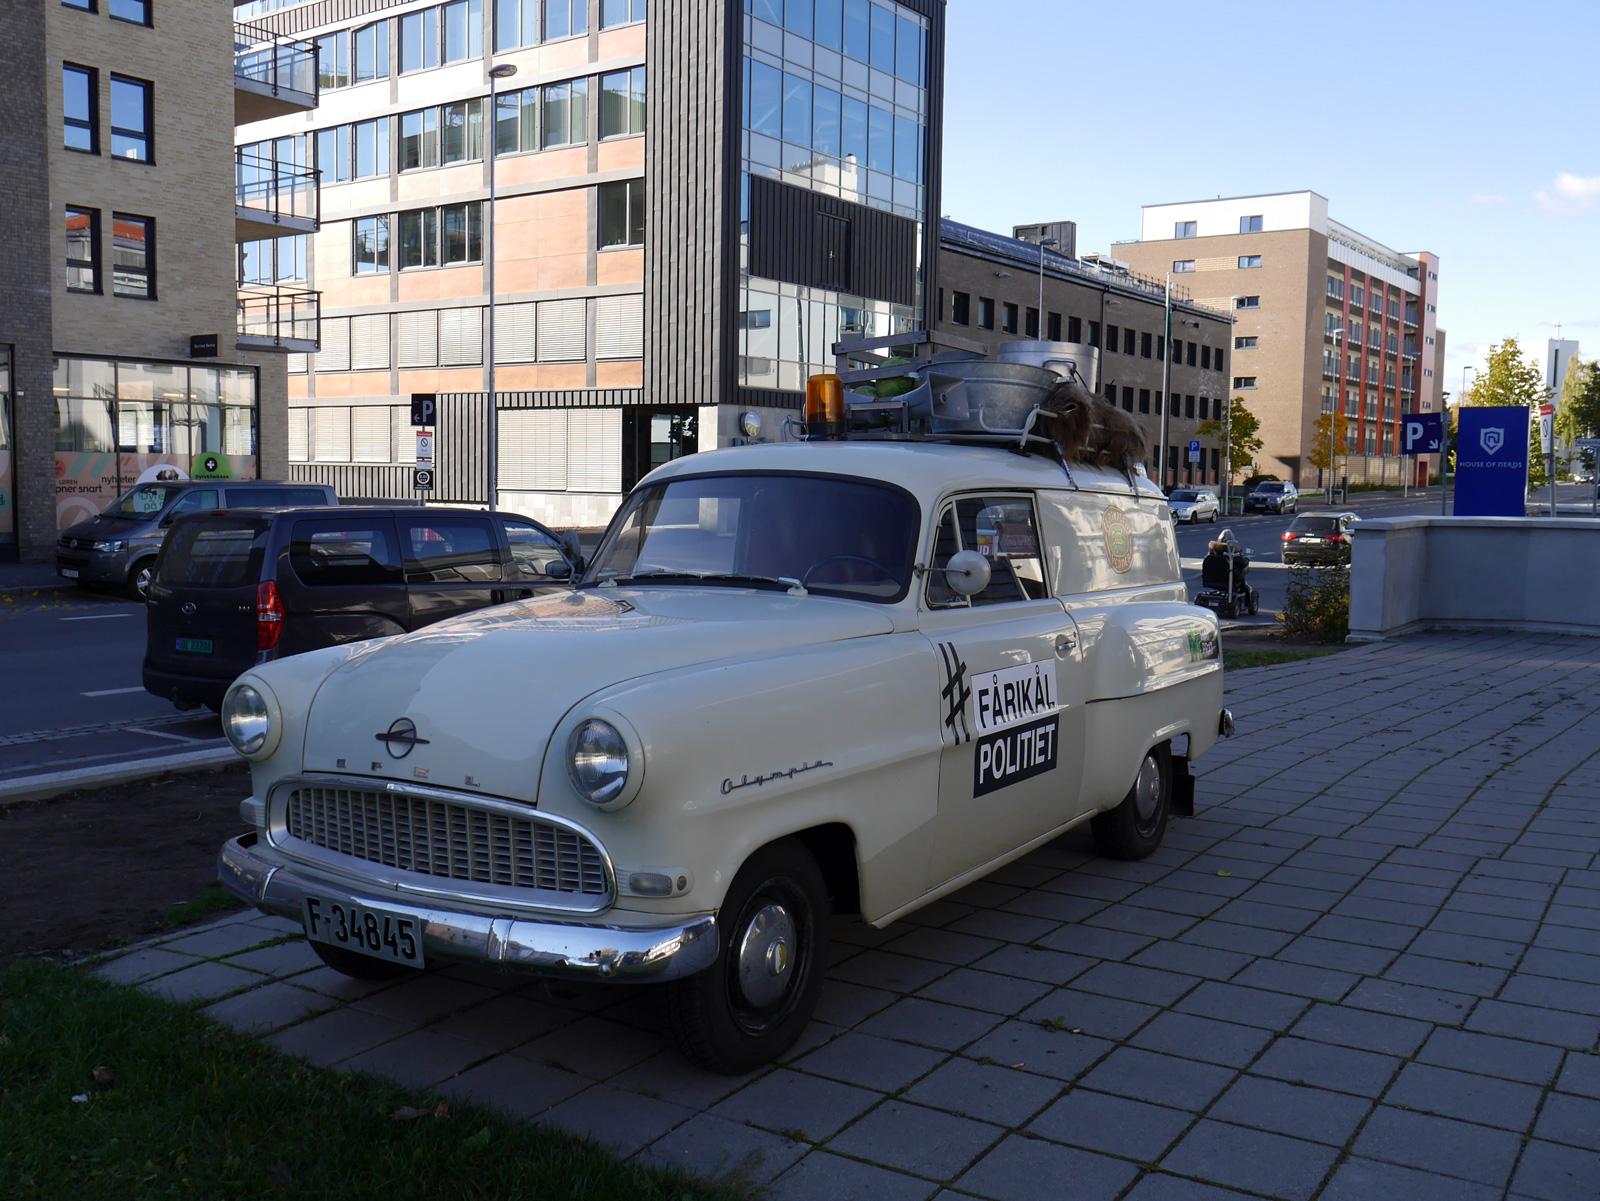 1956 Opel Olympia Rekord panel van sedan delivery oslo